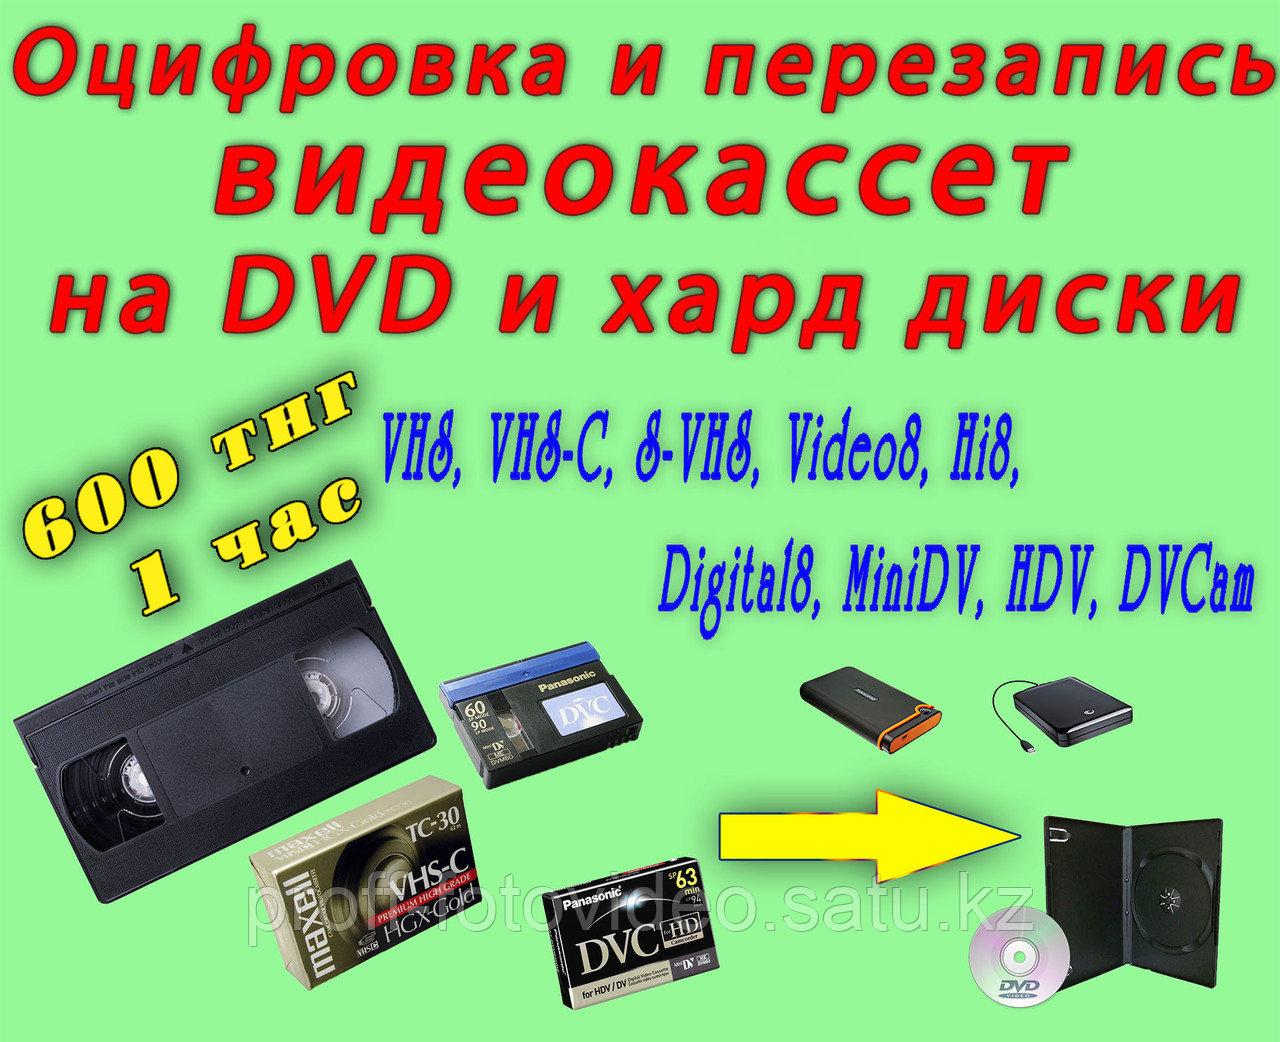 Оцифровка и перезапись с любых видеокассет на DVD диски.